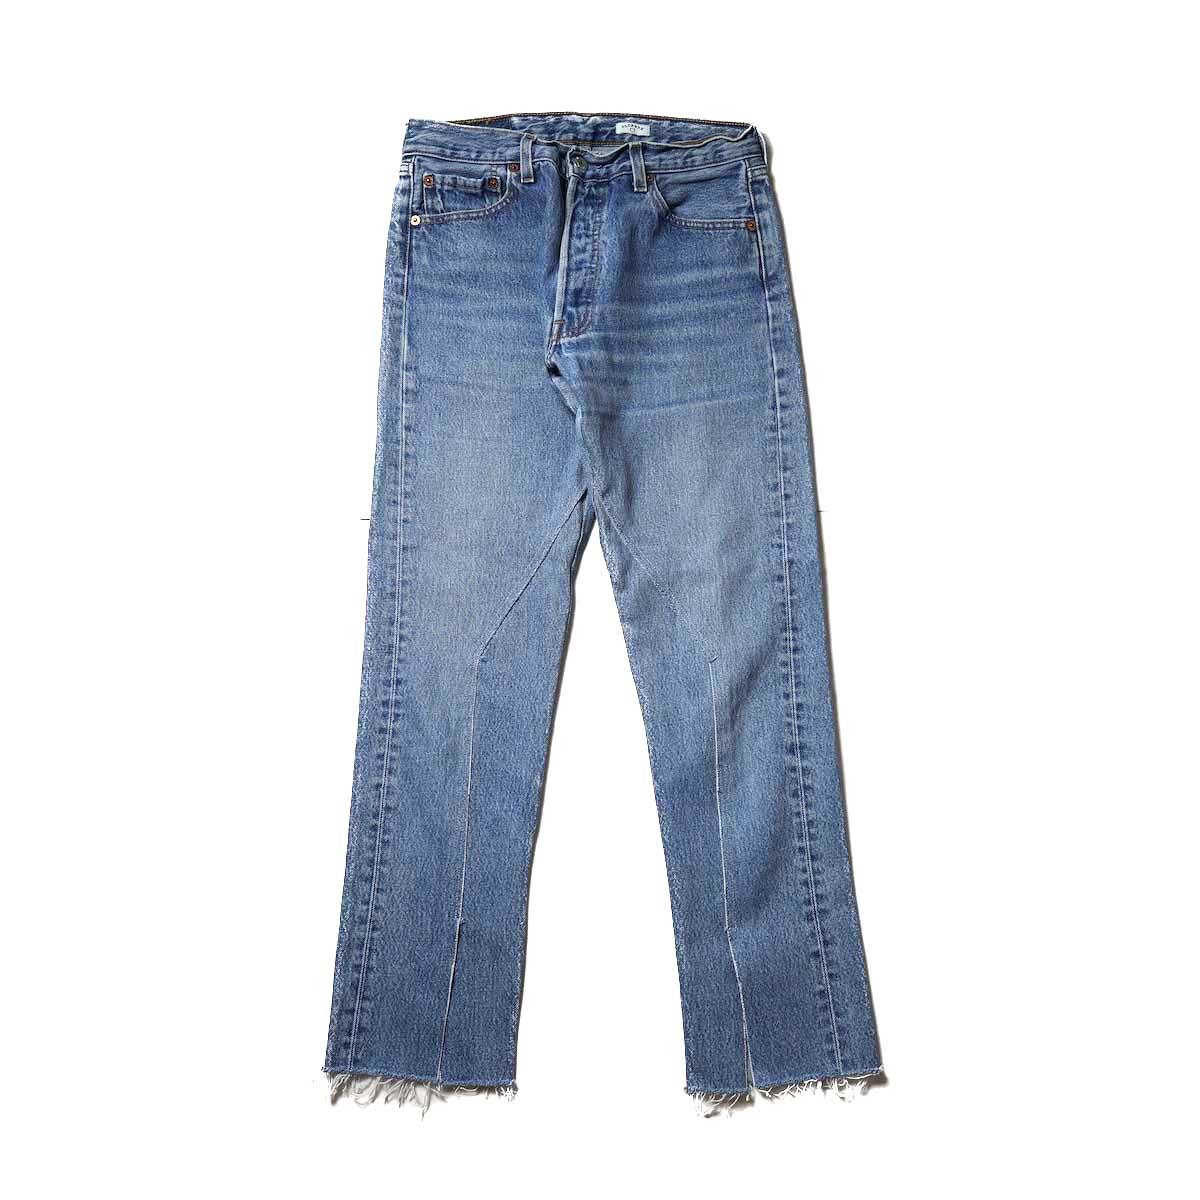 OLD PARK / Slit Jeans (Blue) Ssize-D